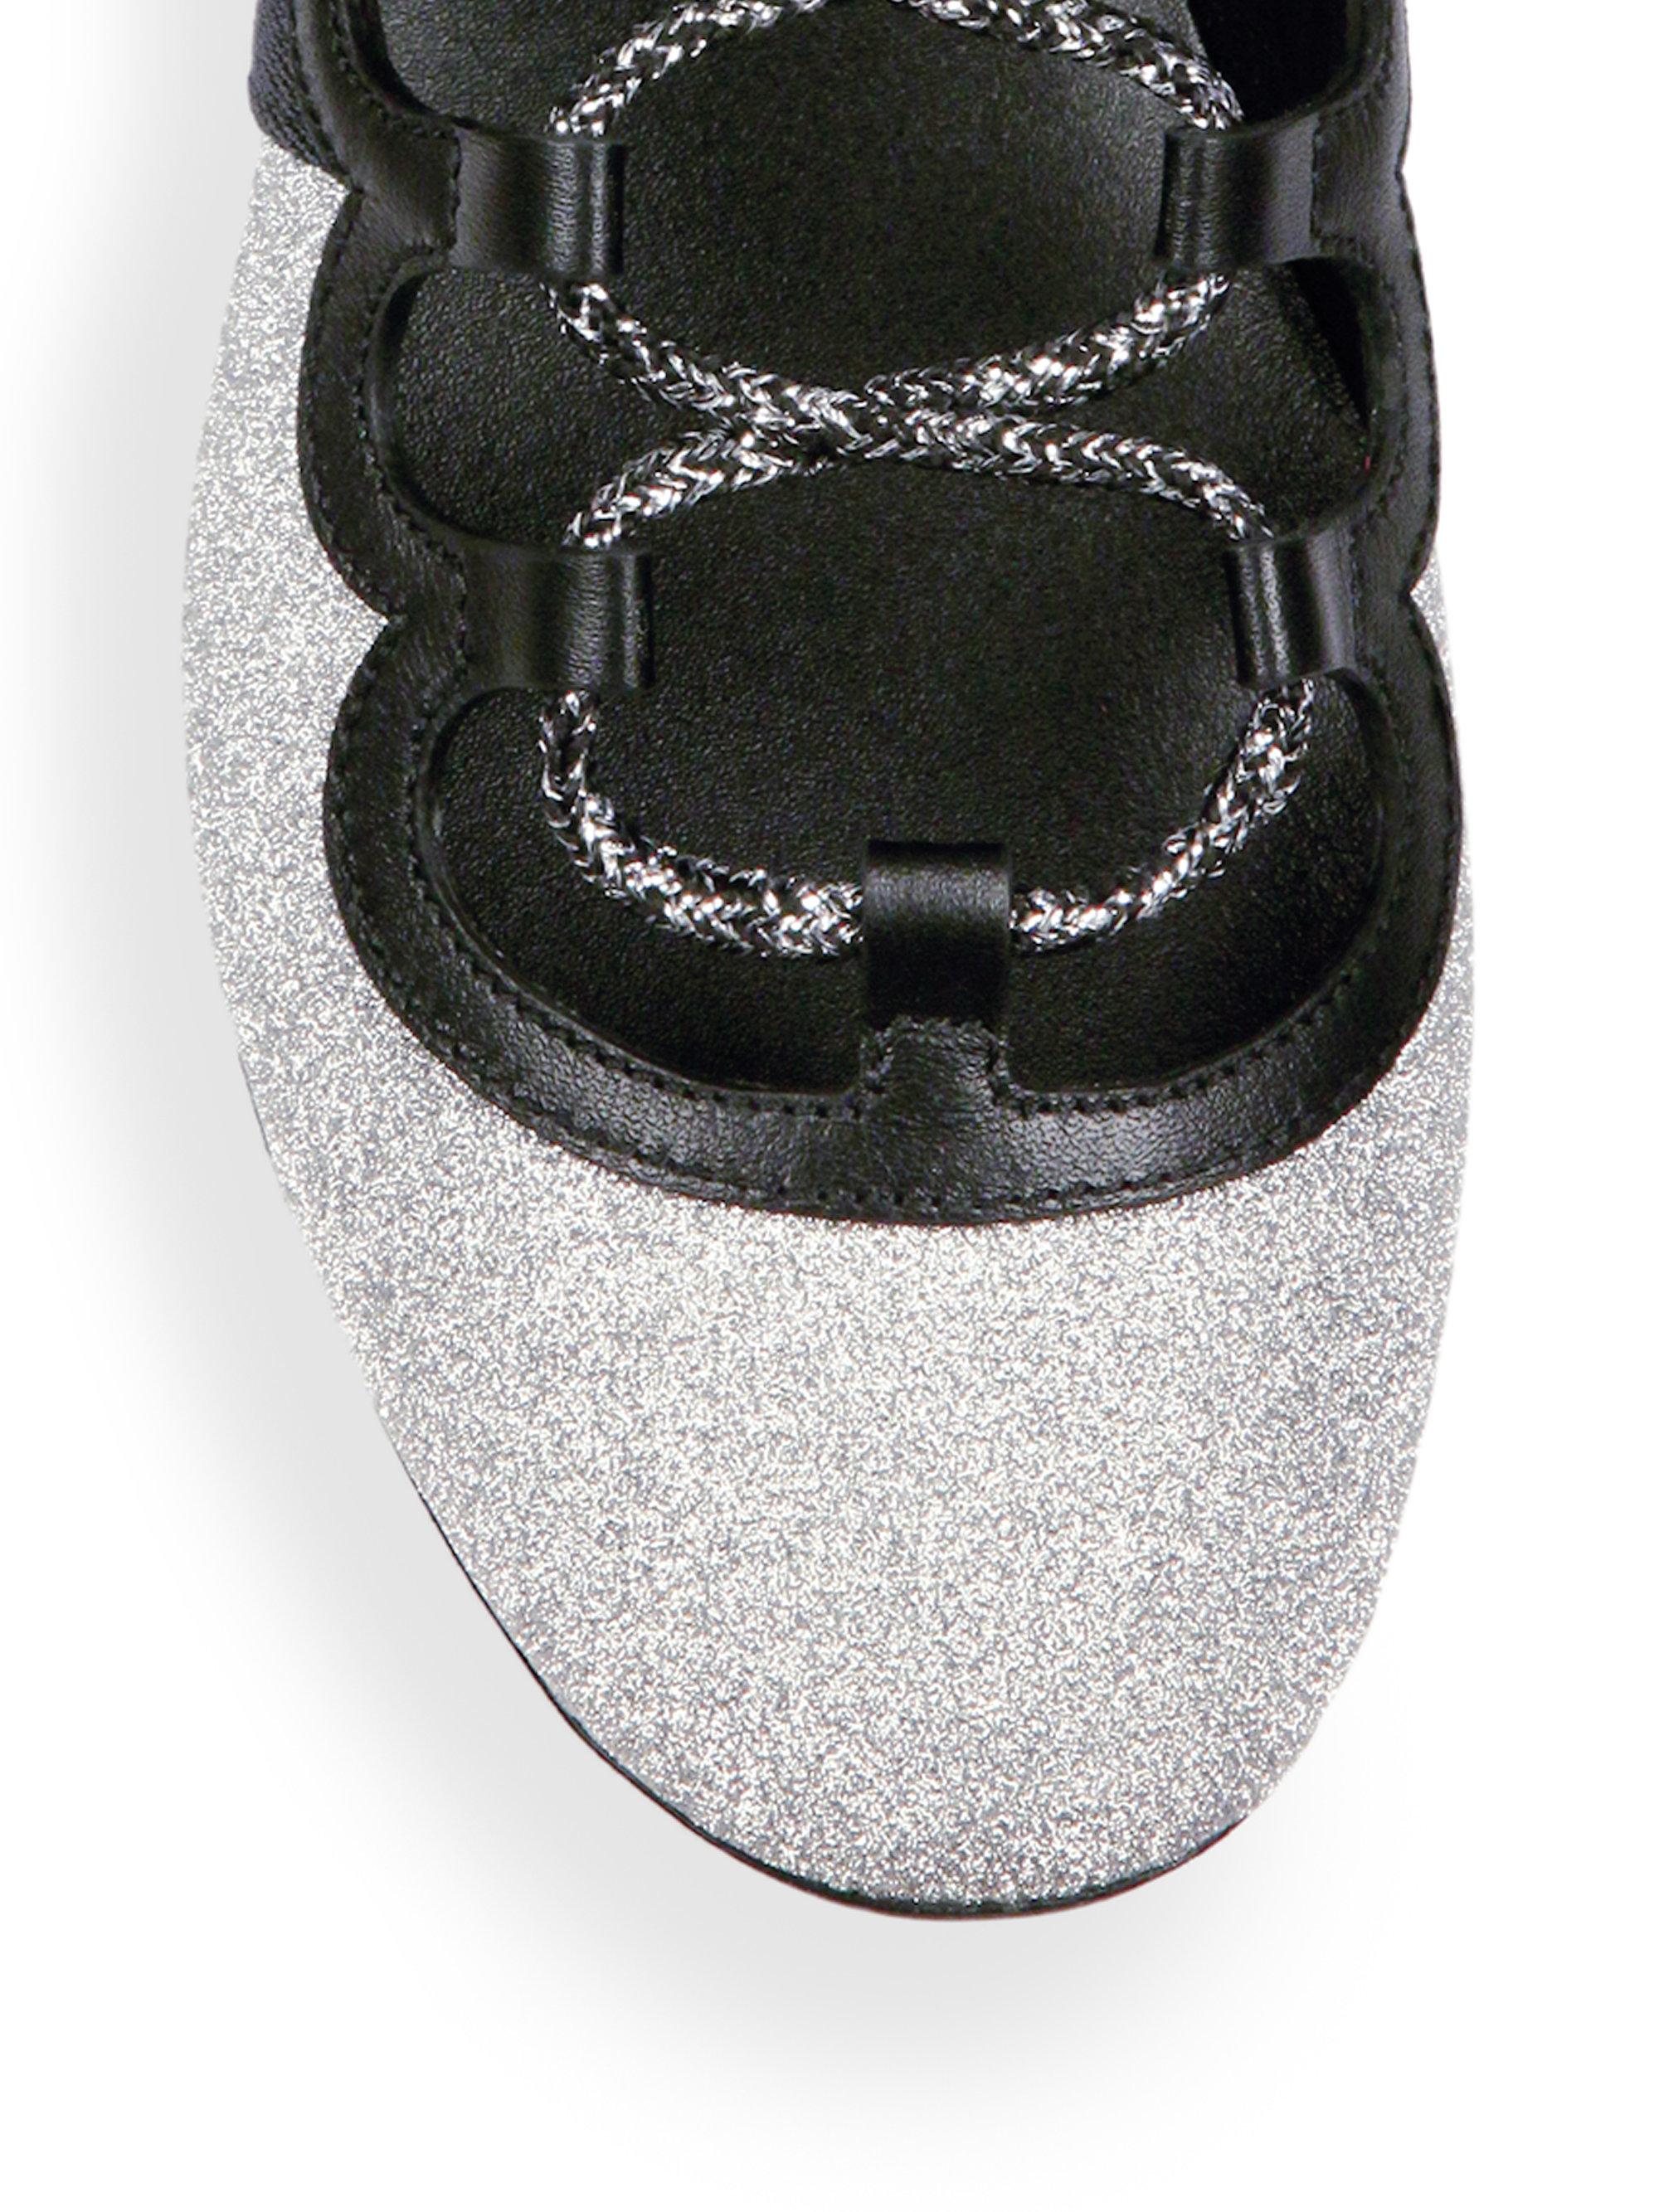 8b2ec1e0f76 Lyst - Gucci Titan Spiked Glitter Web Sneakers in Metallic